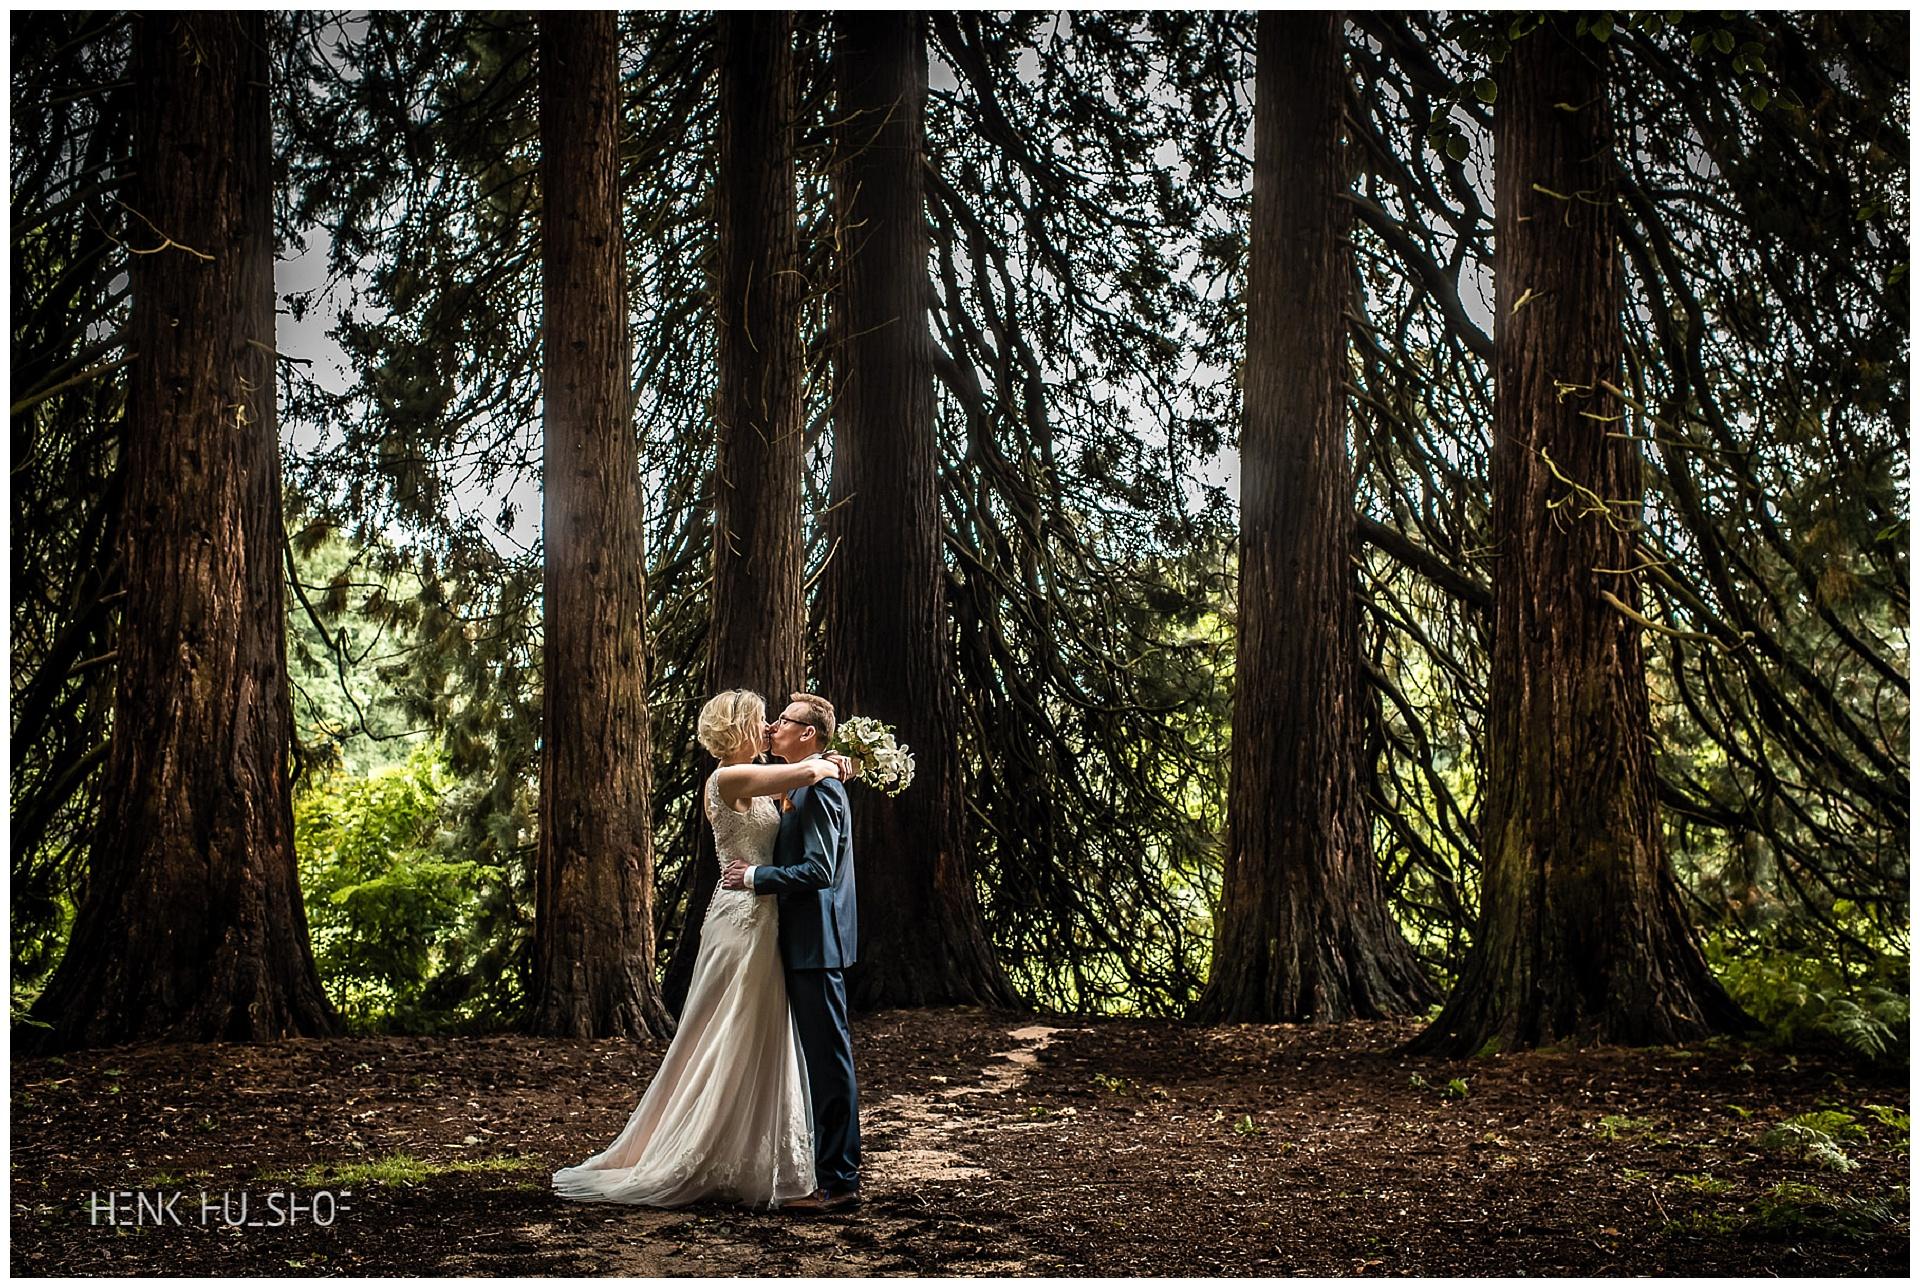 huwelijksfotografie bos